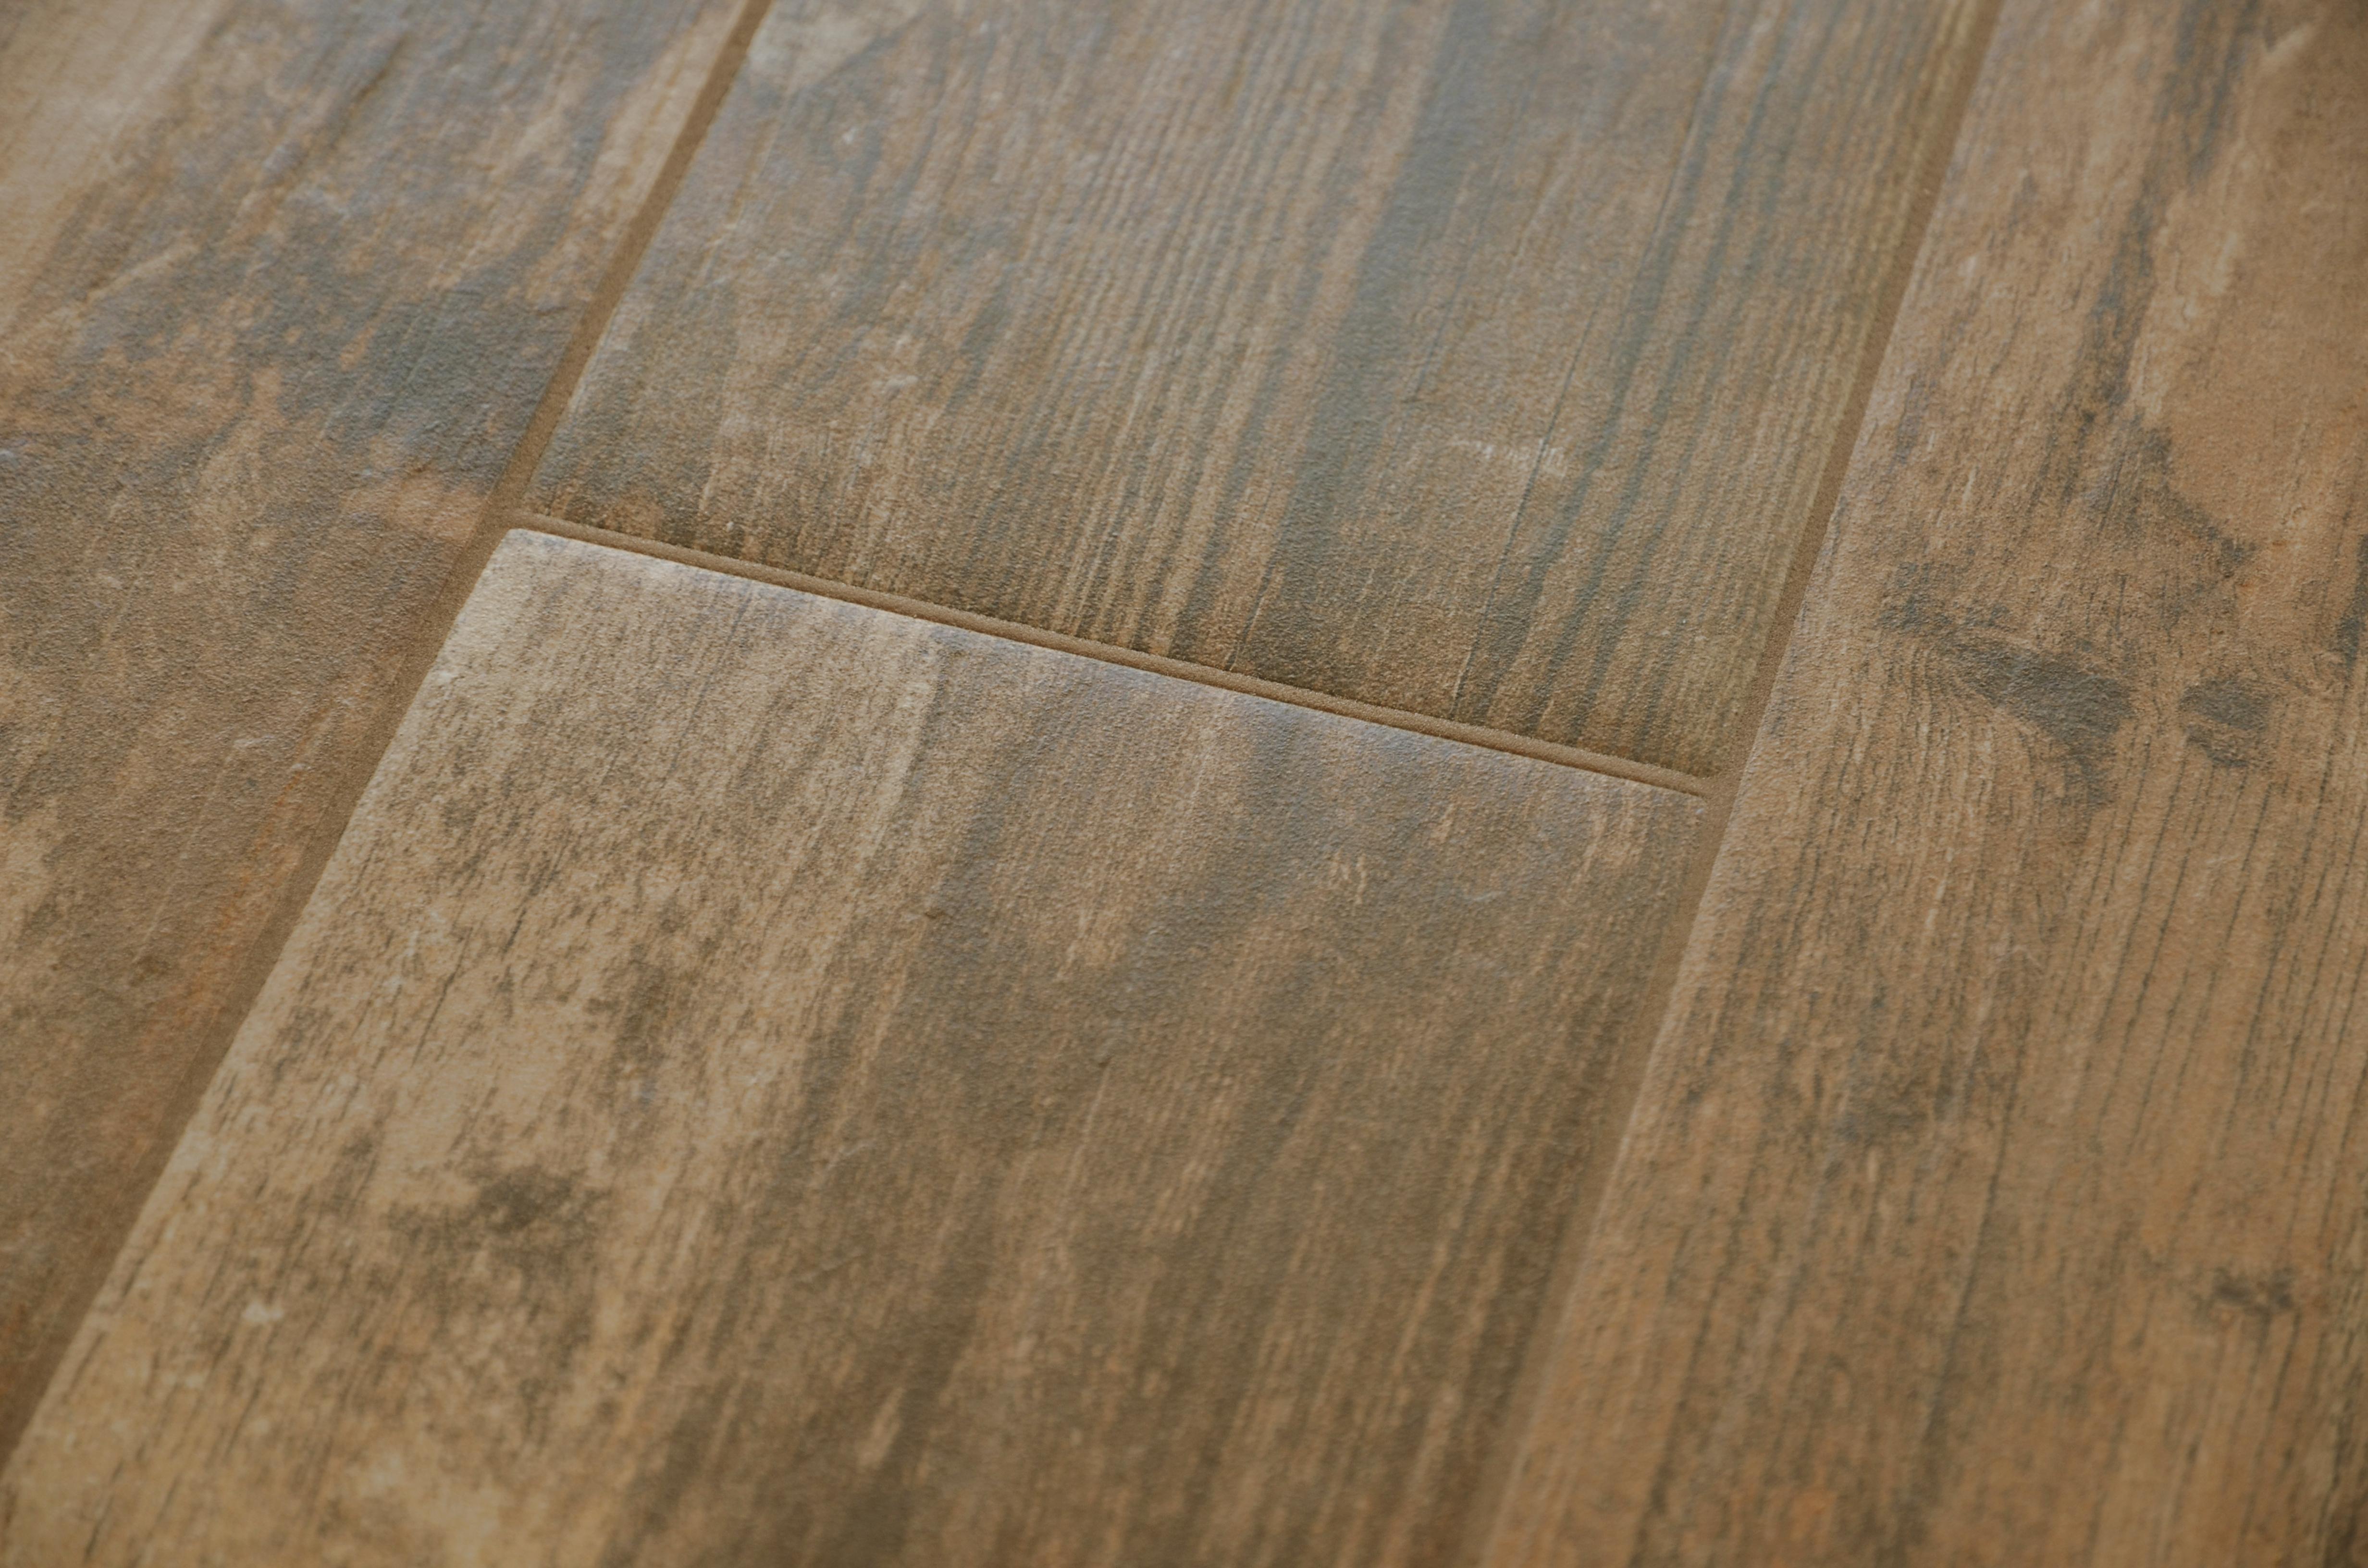 Fughe delle piastrelle uniformi al pavimento e di colore stabile